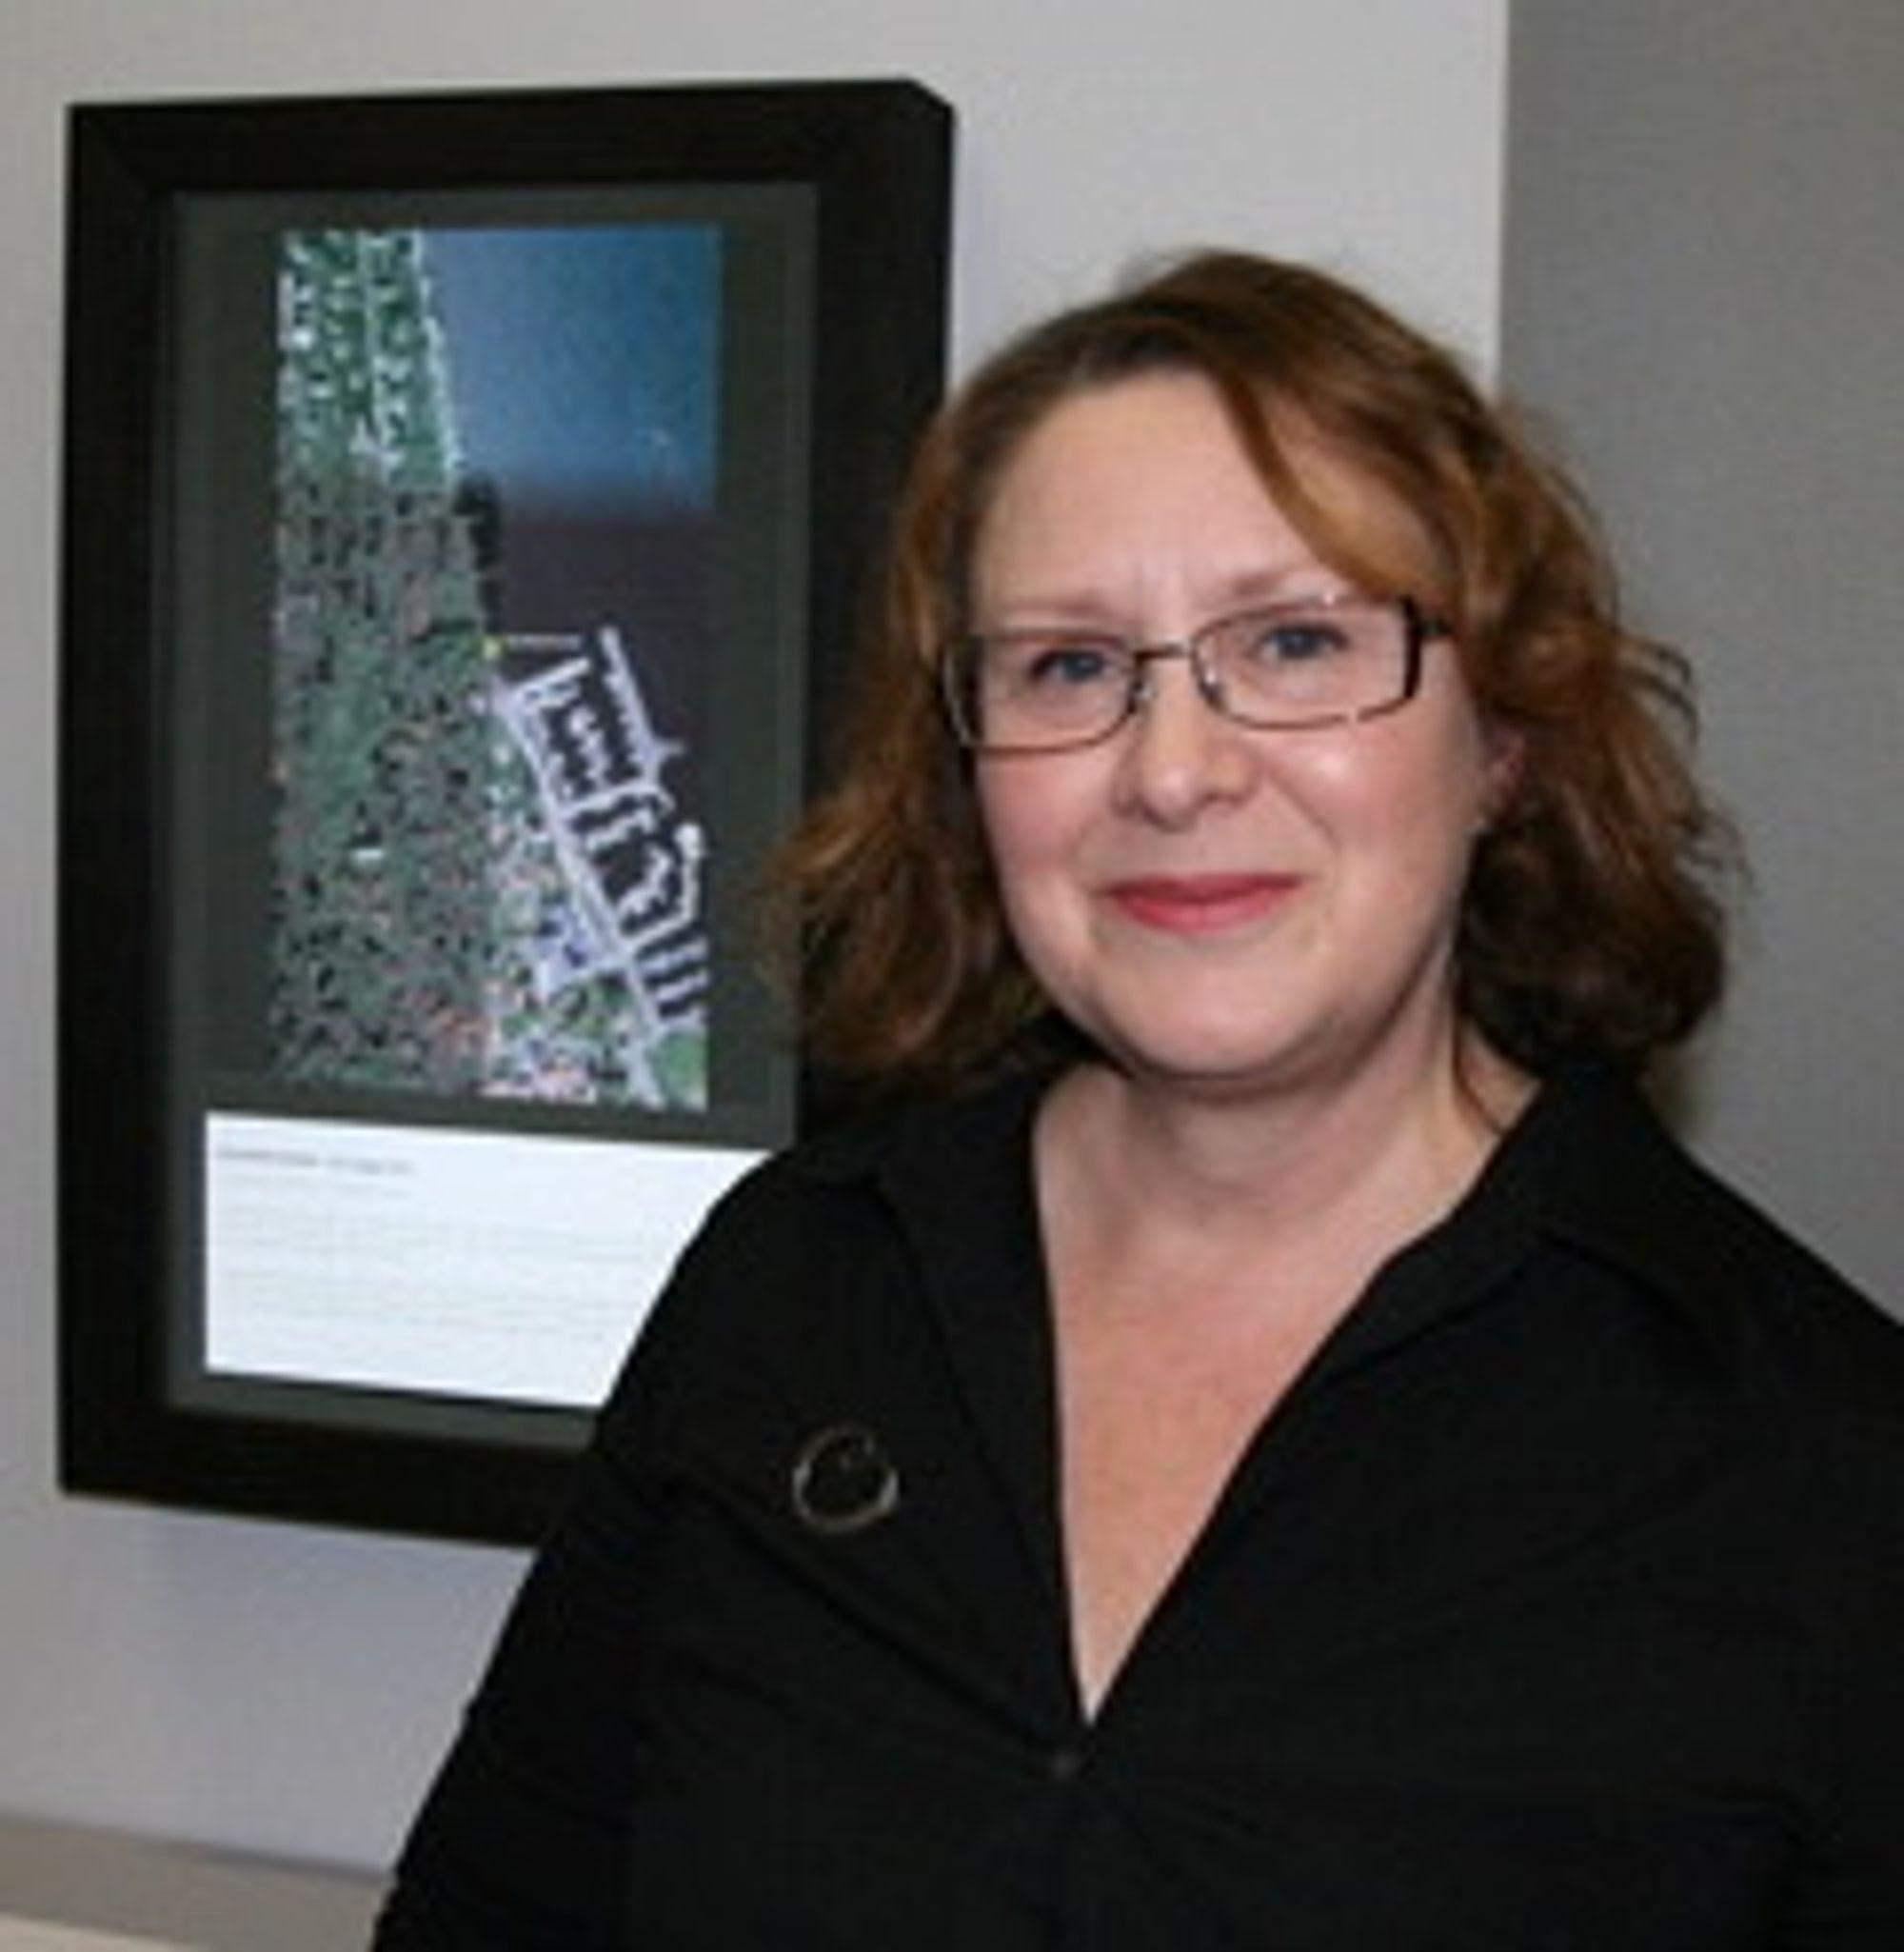 Palmyre Pierroux er forsker ved Institutt for Pedagogikk ved UiO, og leder forskningsgruppen InterMedia.